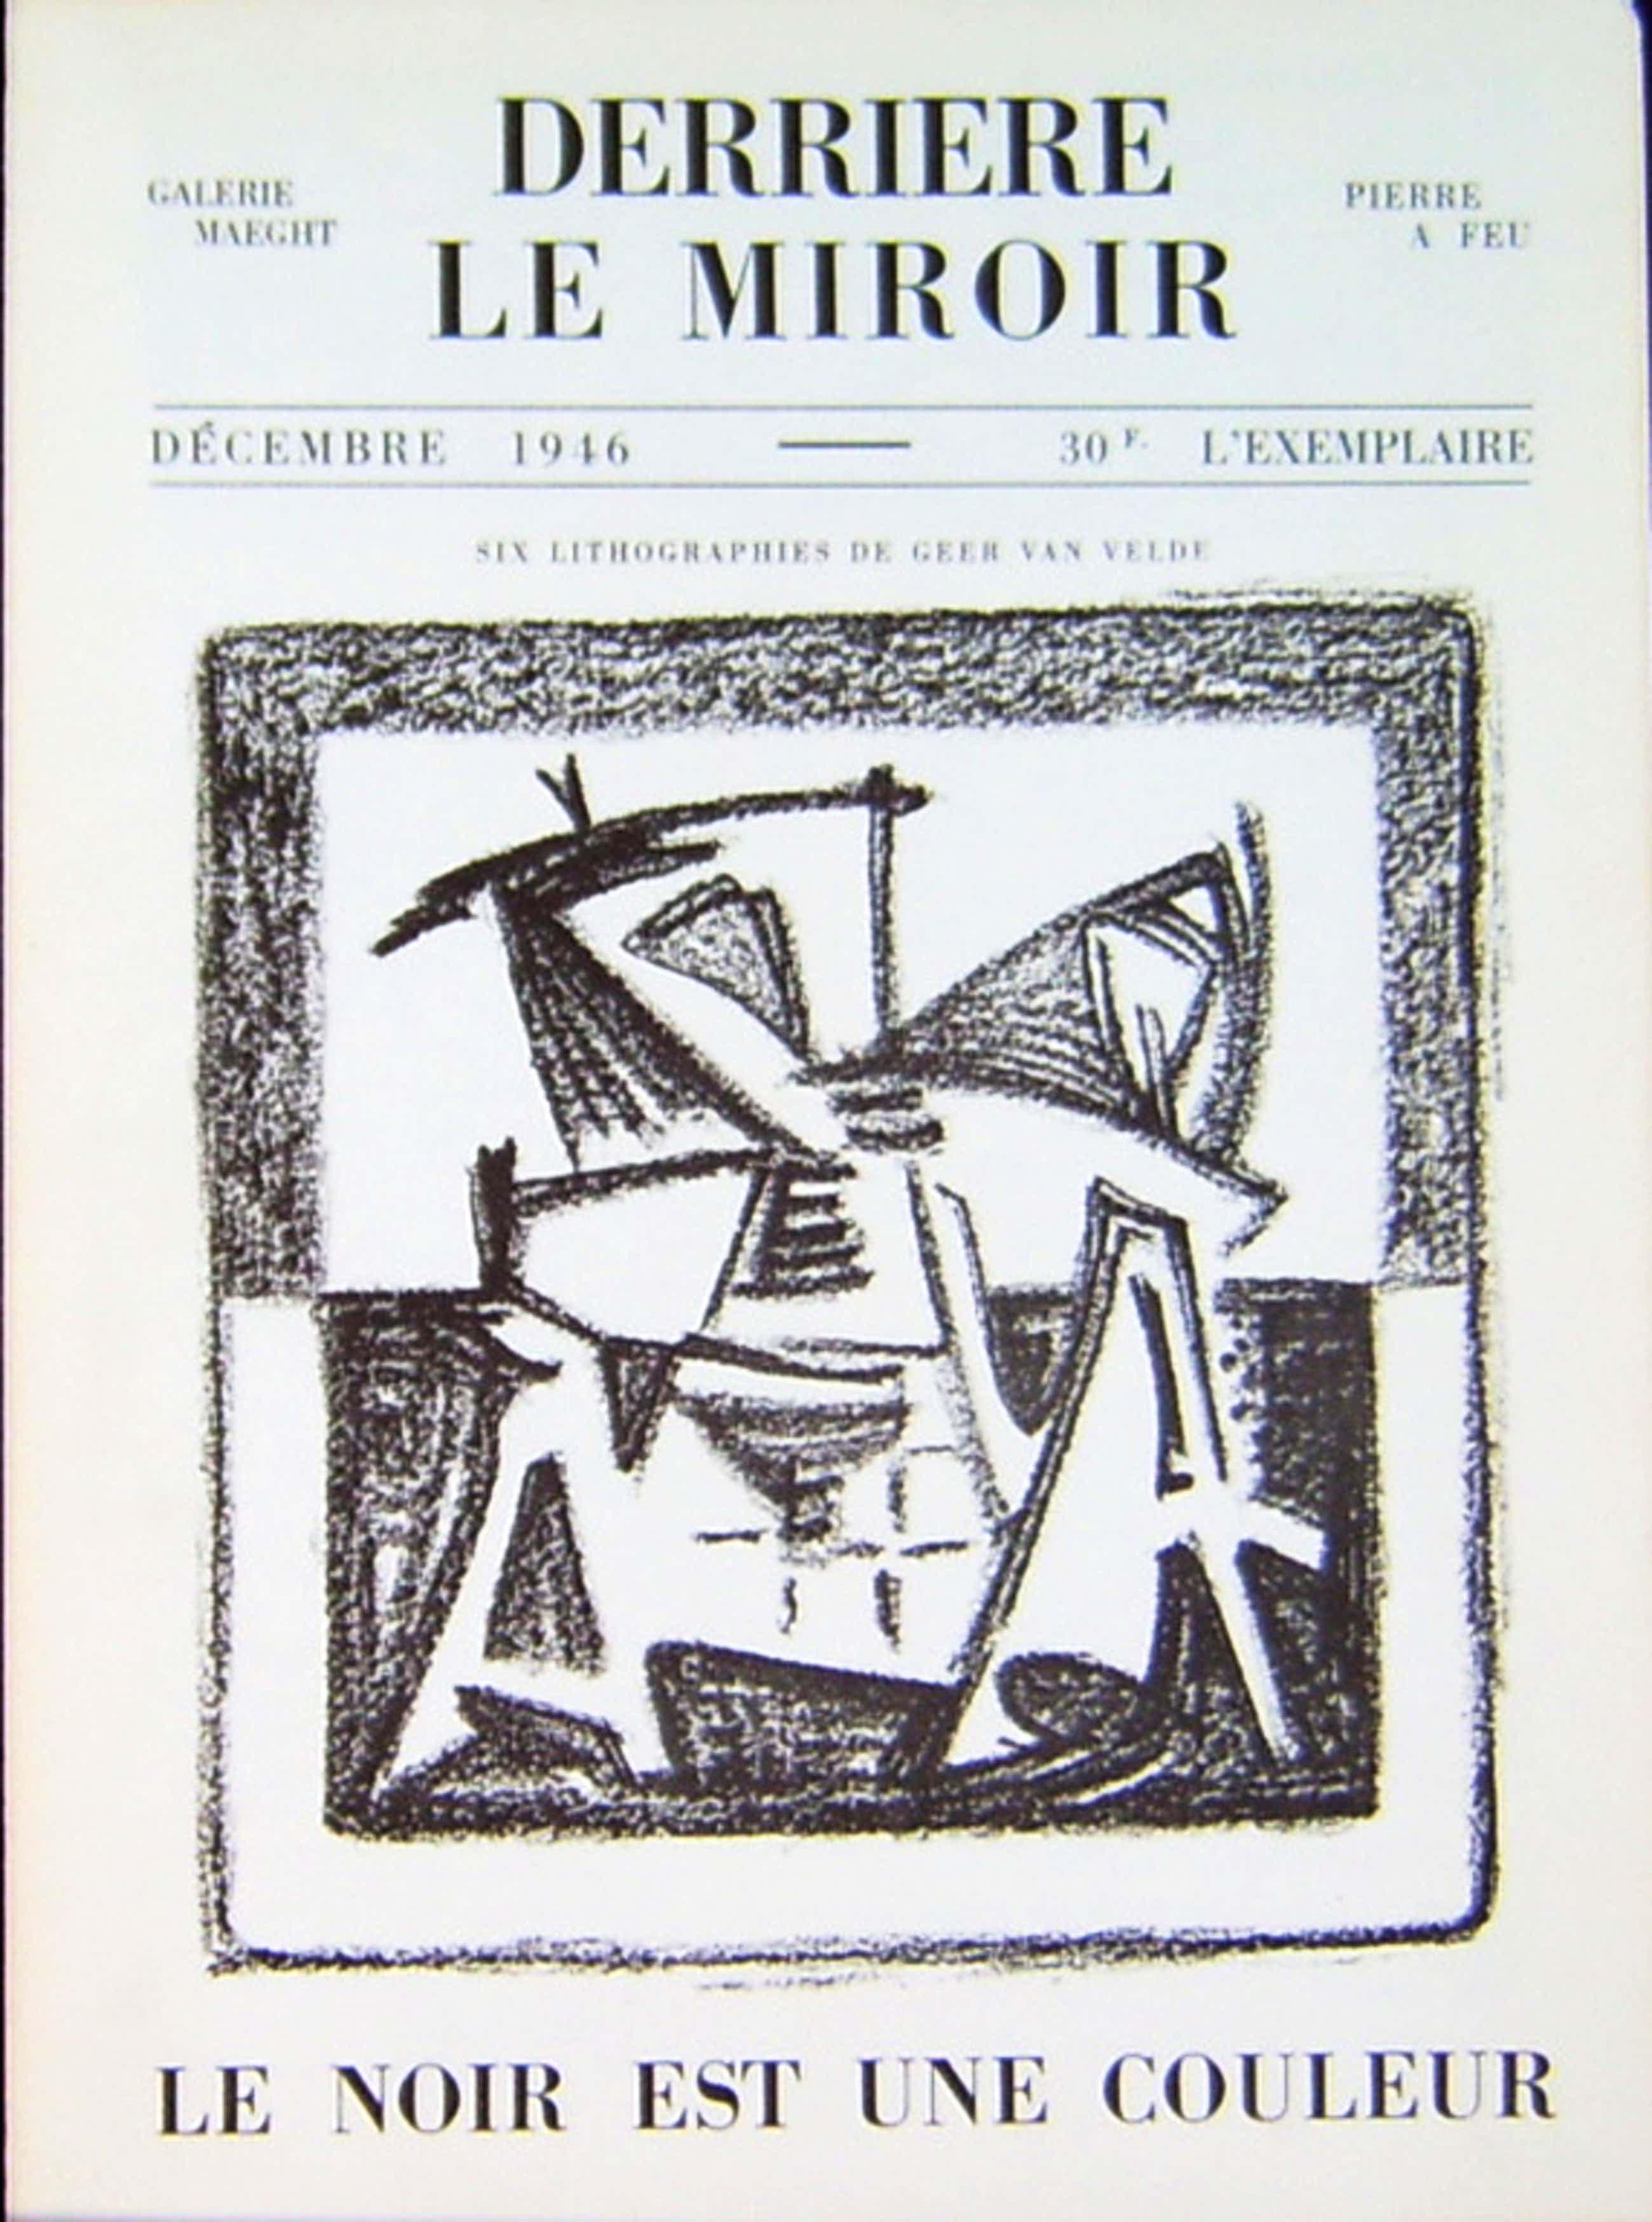 Geer van Velde: Derriere le miroir nr 1 kopen? Bied vanaf 35!